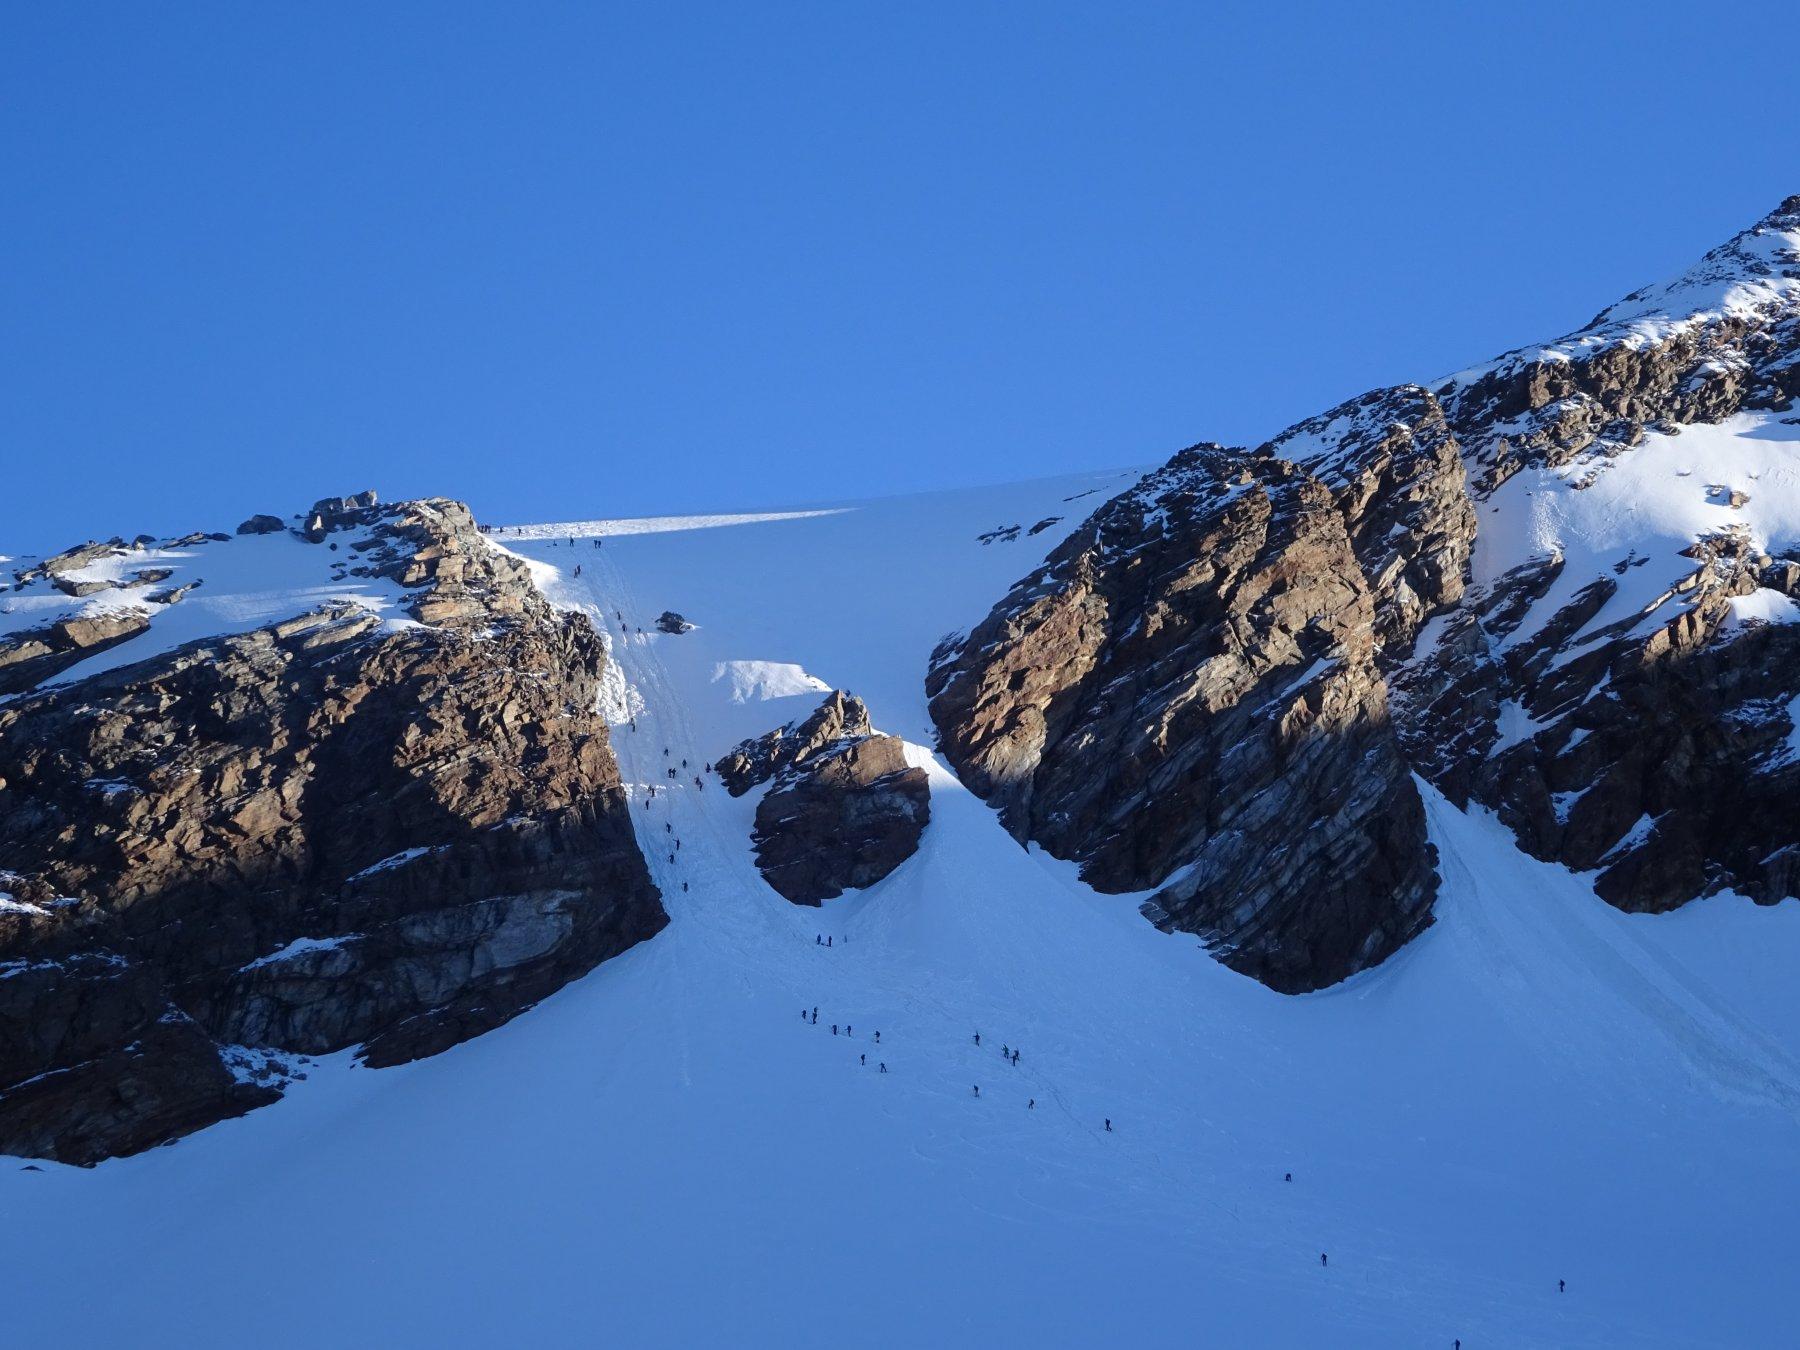 Il canalone che adduce al ghiacciaio del Lys, oggi molto affollato